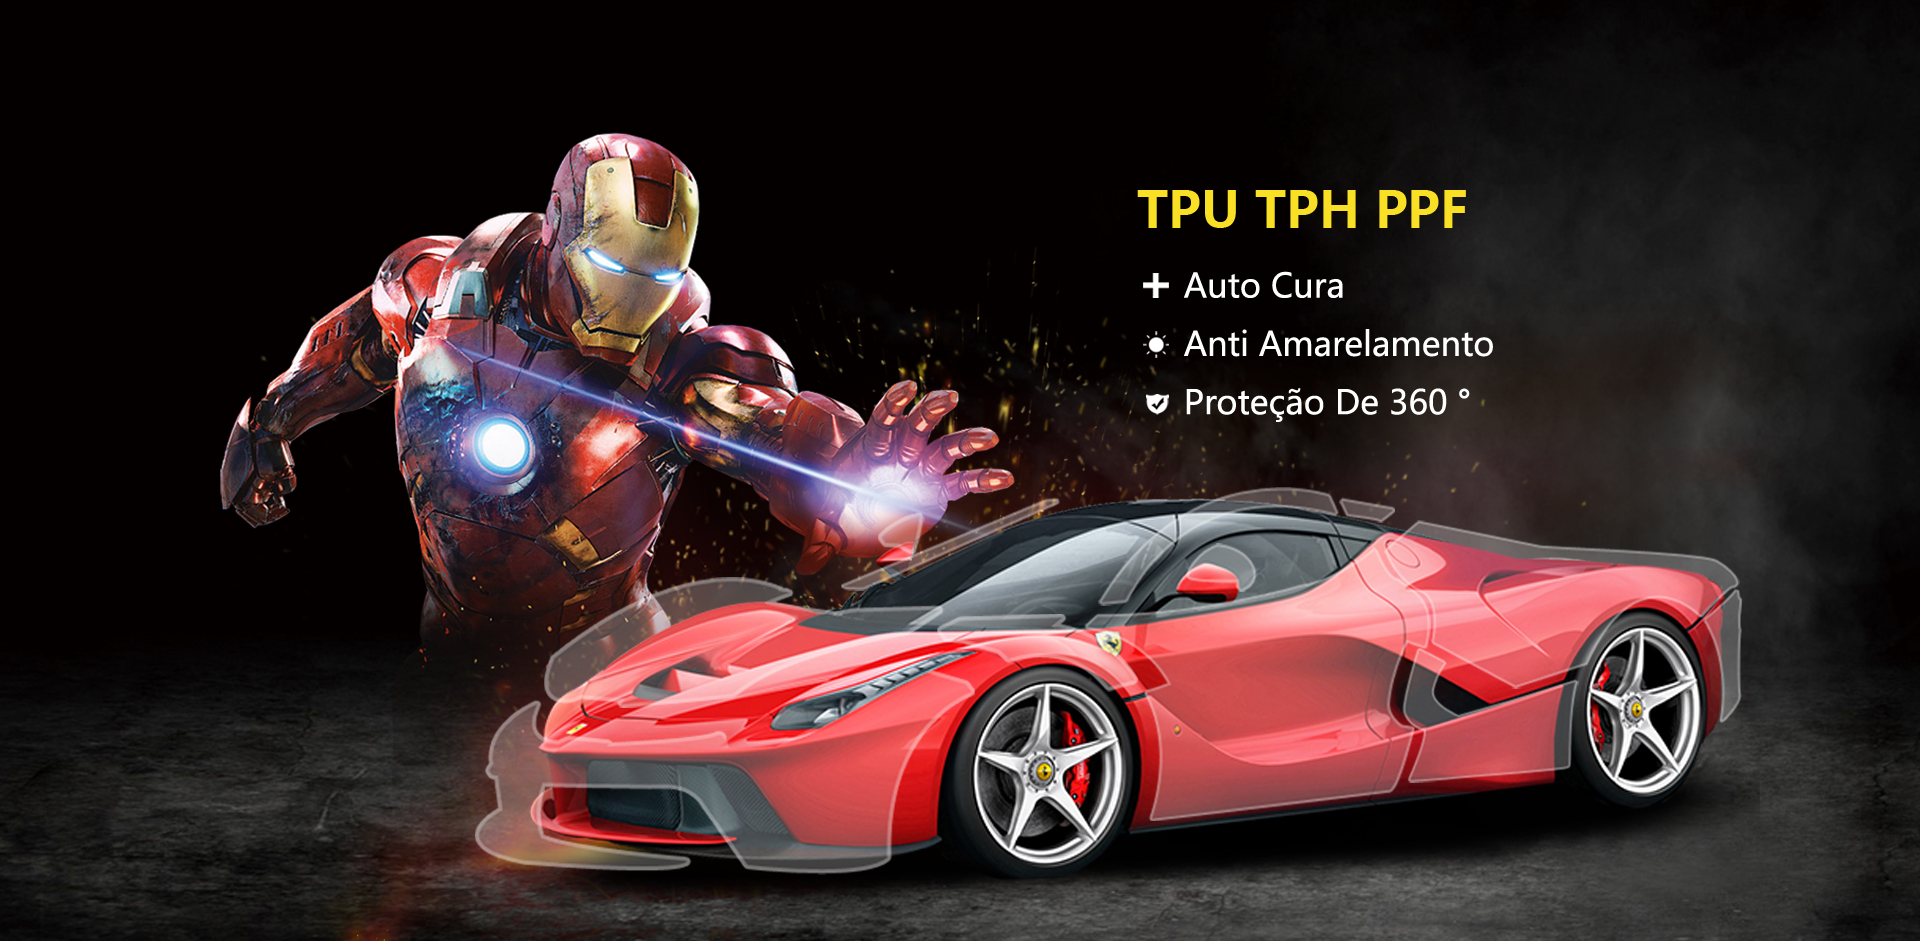 CARLIKE CL-PPF-TPU Filme de proteção de pintura de carro de arranhão automático